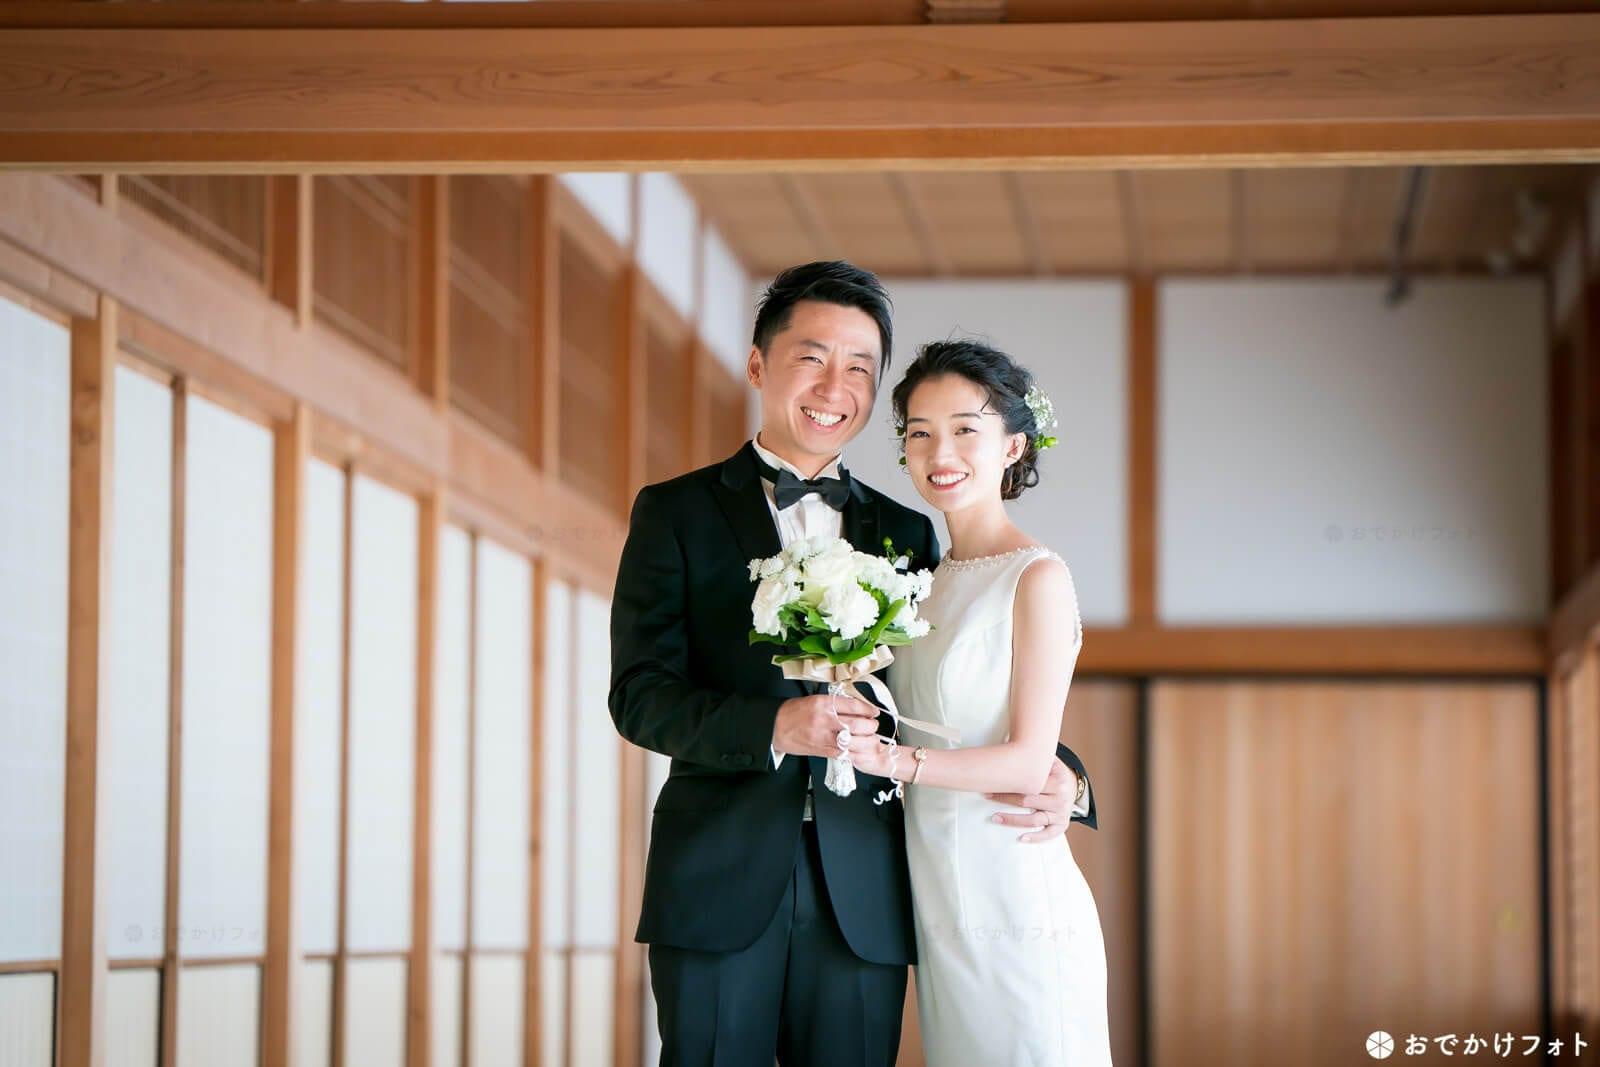 佐賀城本丸歴史館で結婚式の前撮り